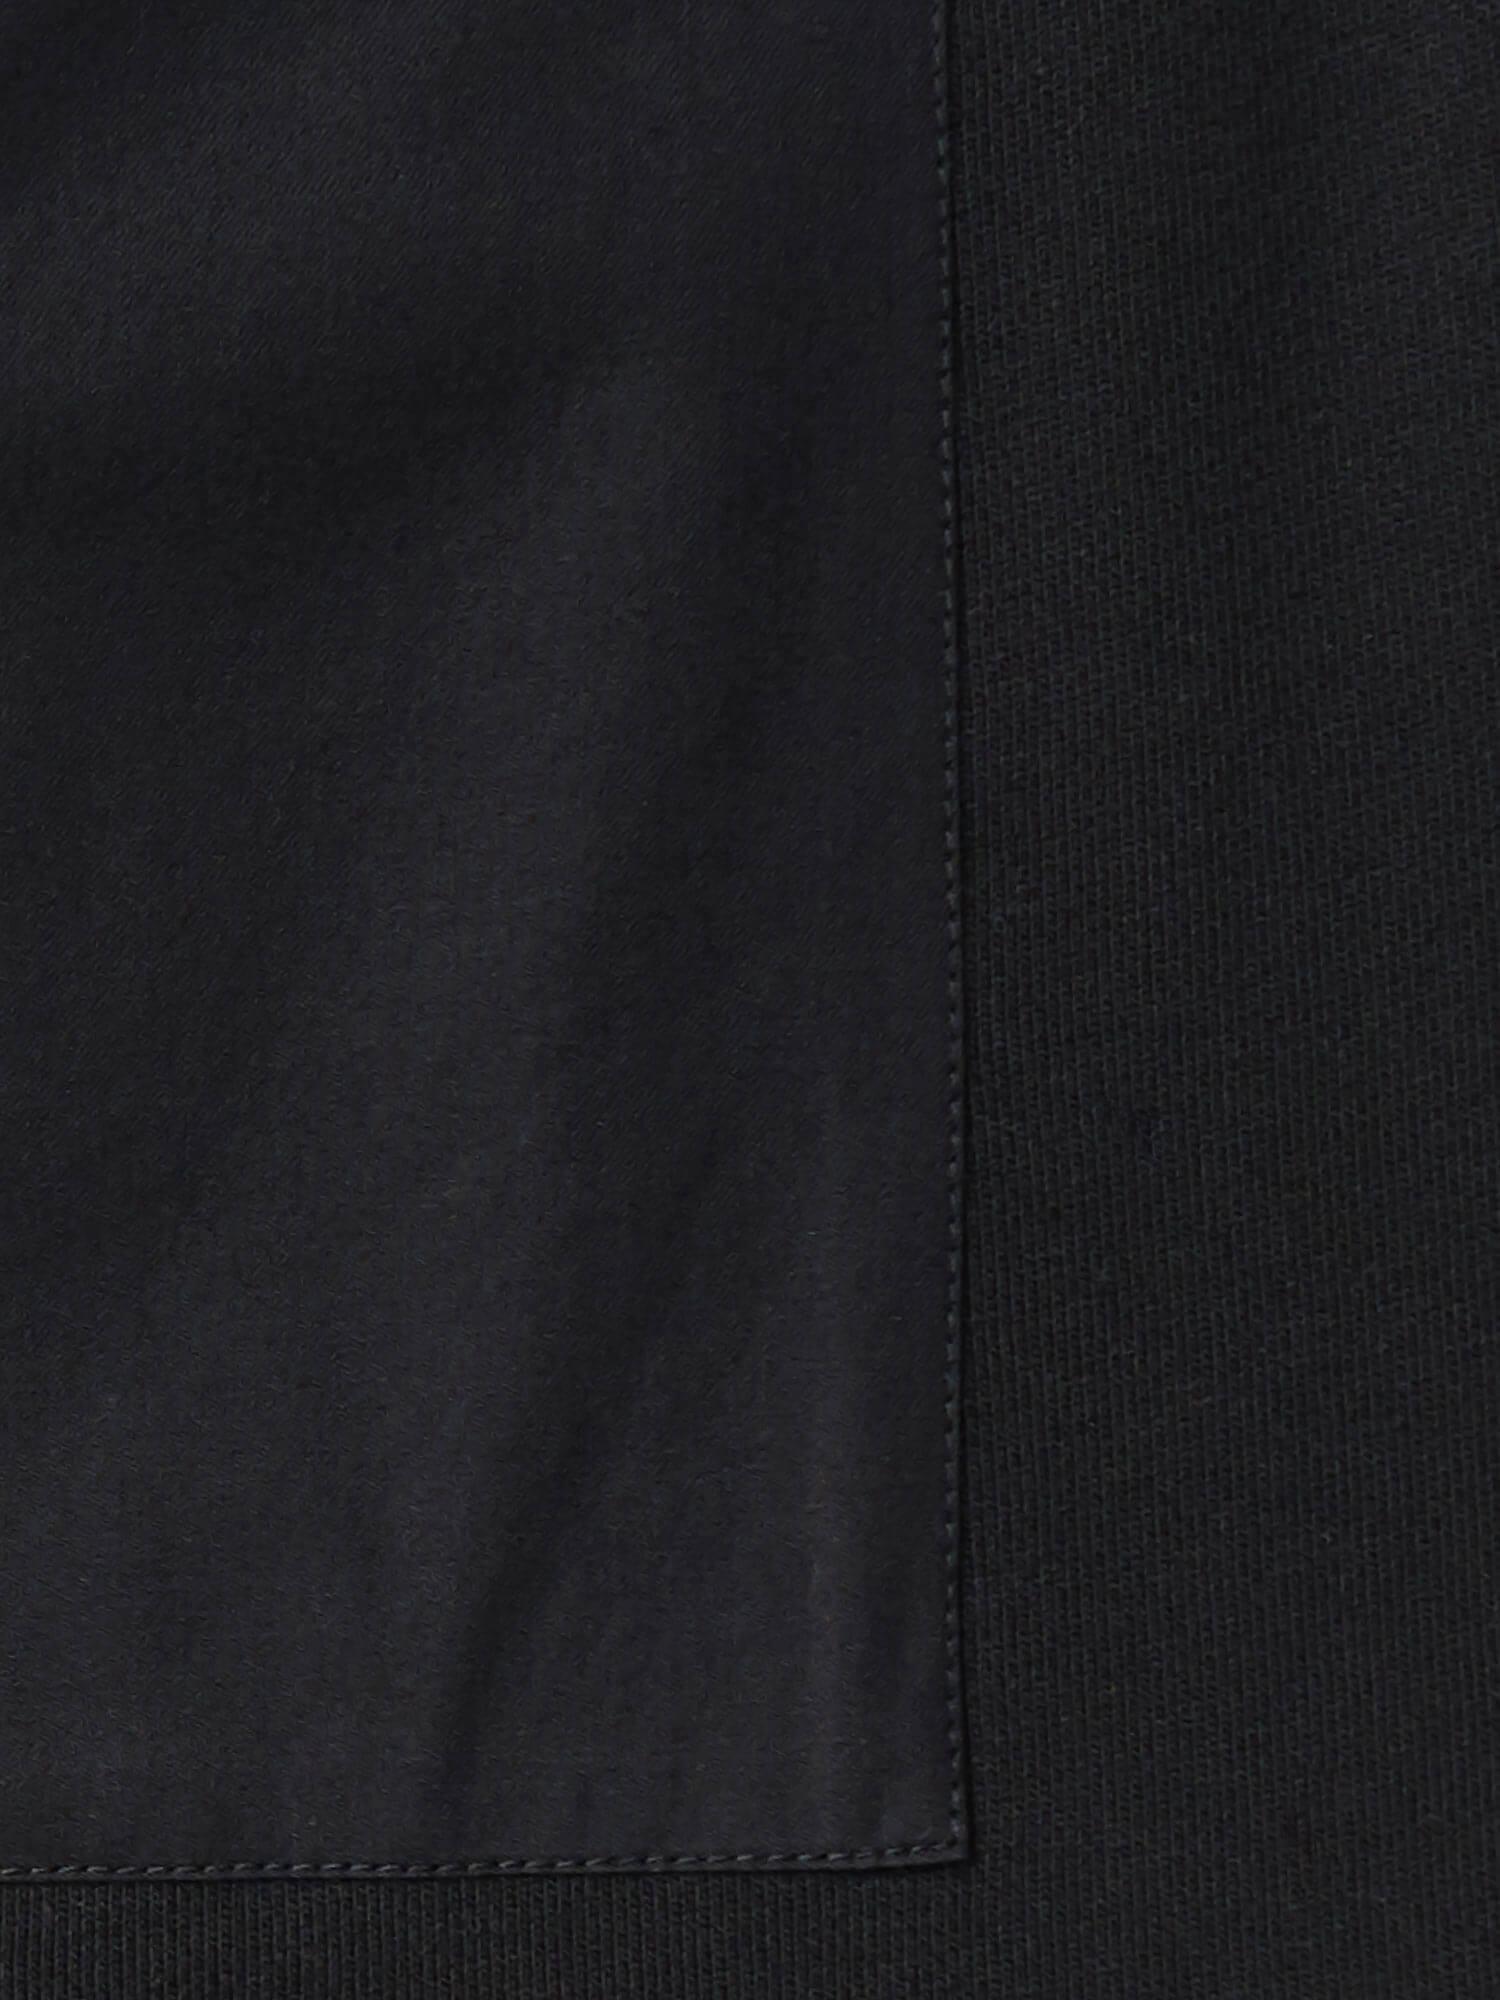 Свитшот Кембридж с захлёстом сзади, Черный